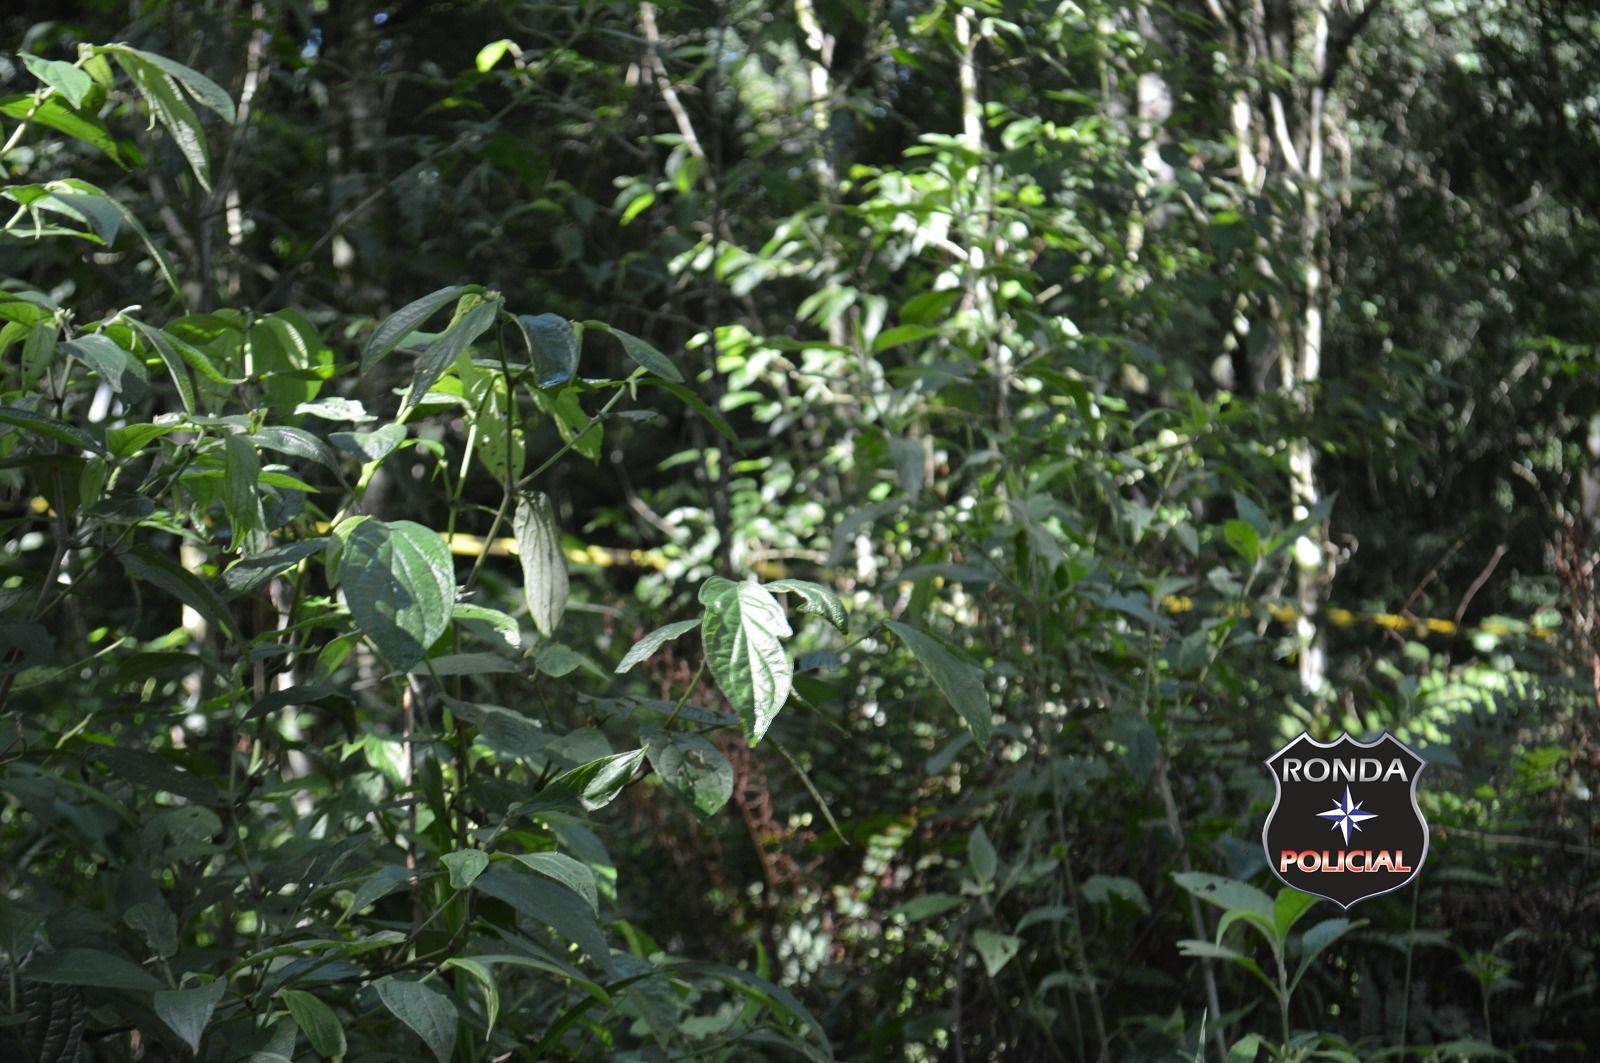 Corpo encontrado em decomposição amarrado em árvore pode ser de pastora desaparecida